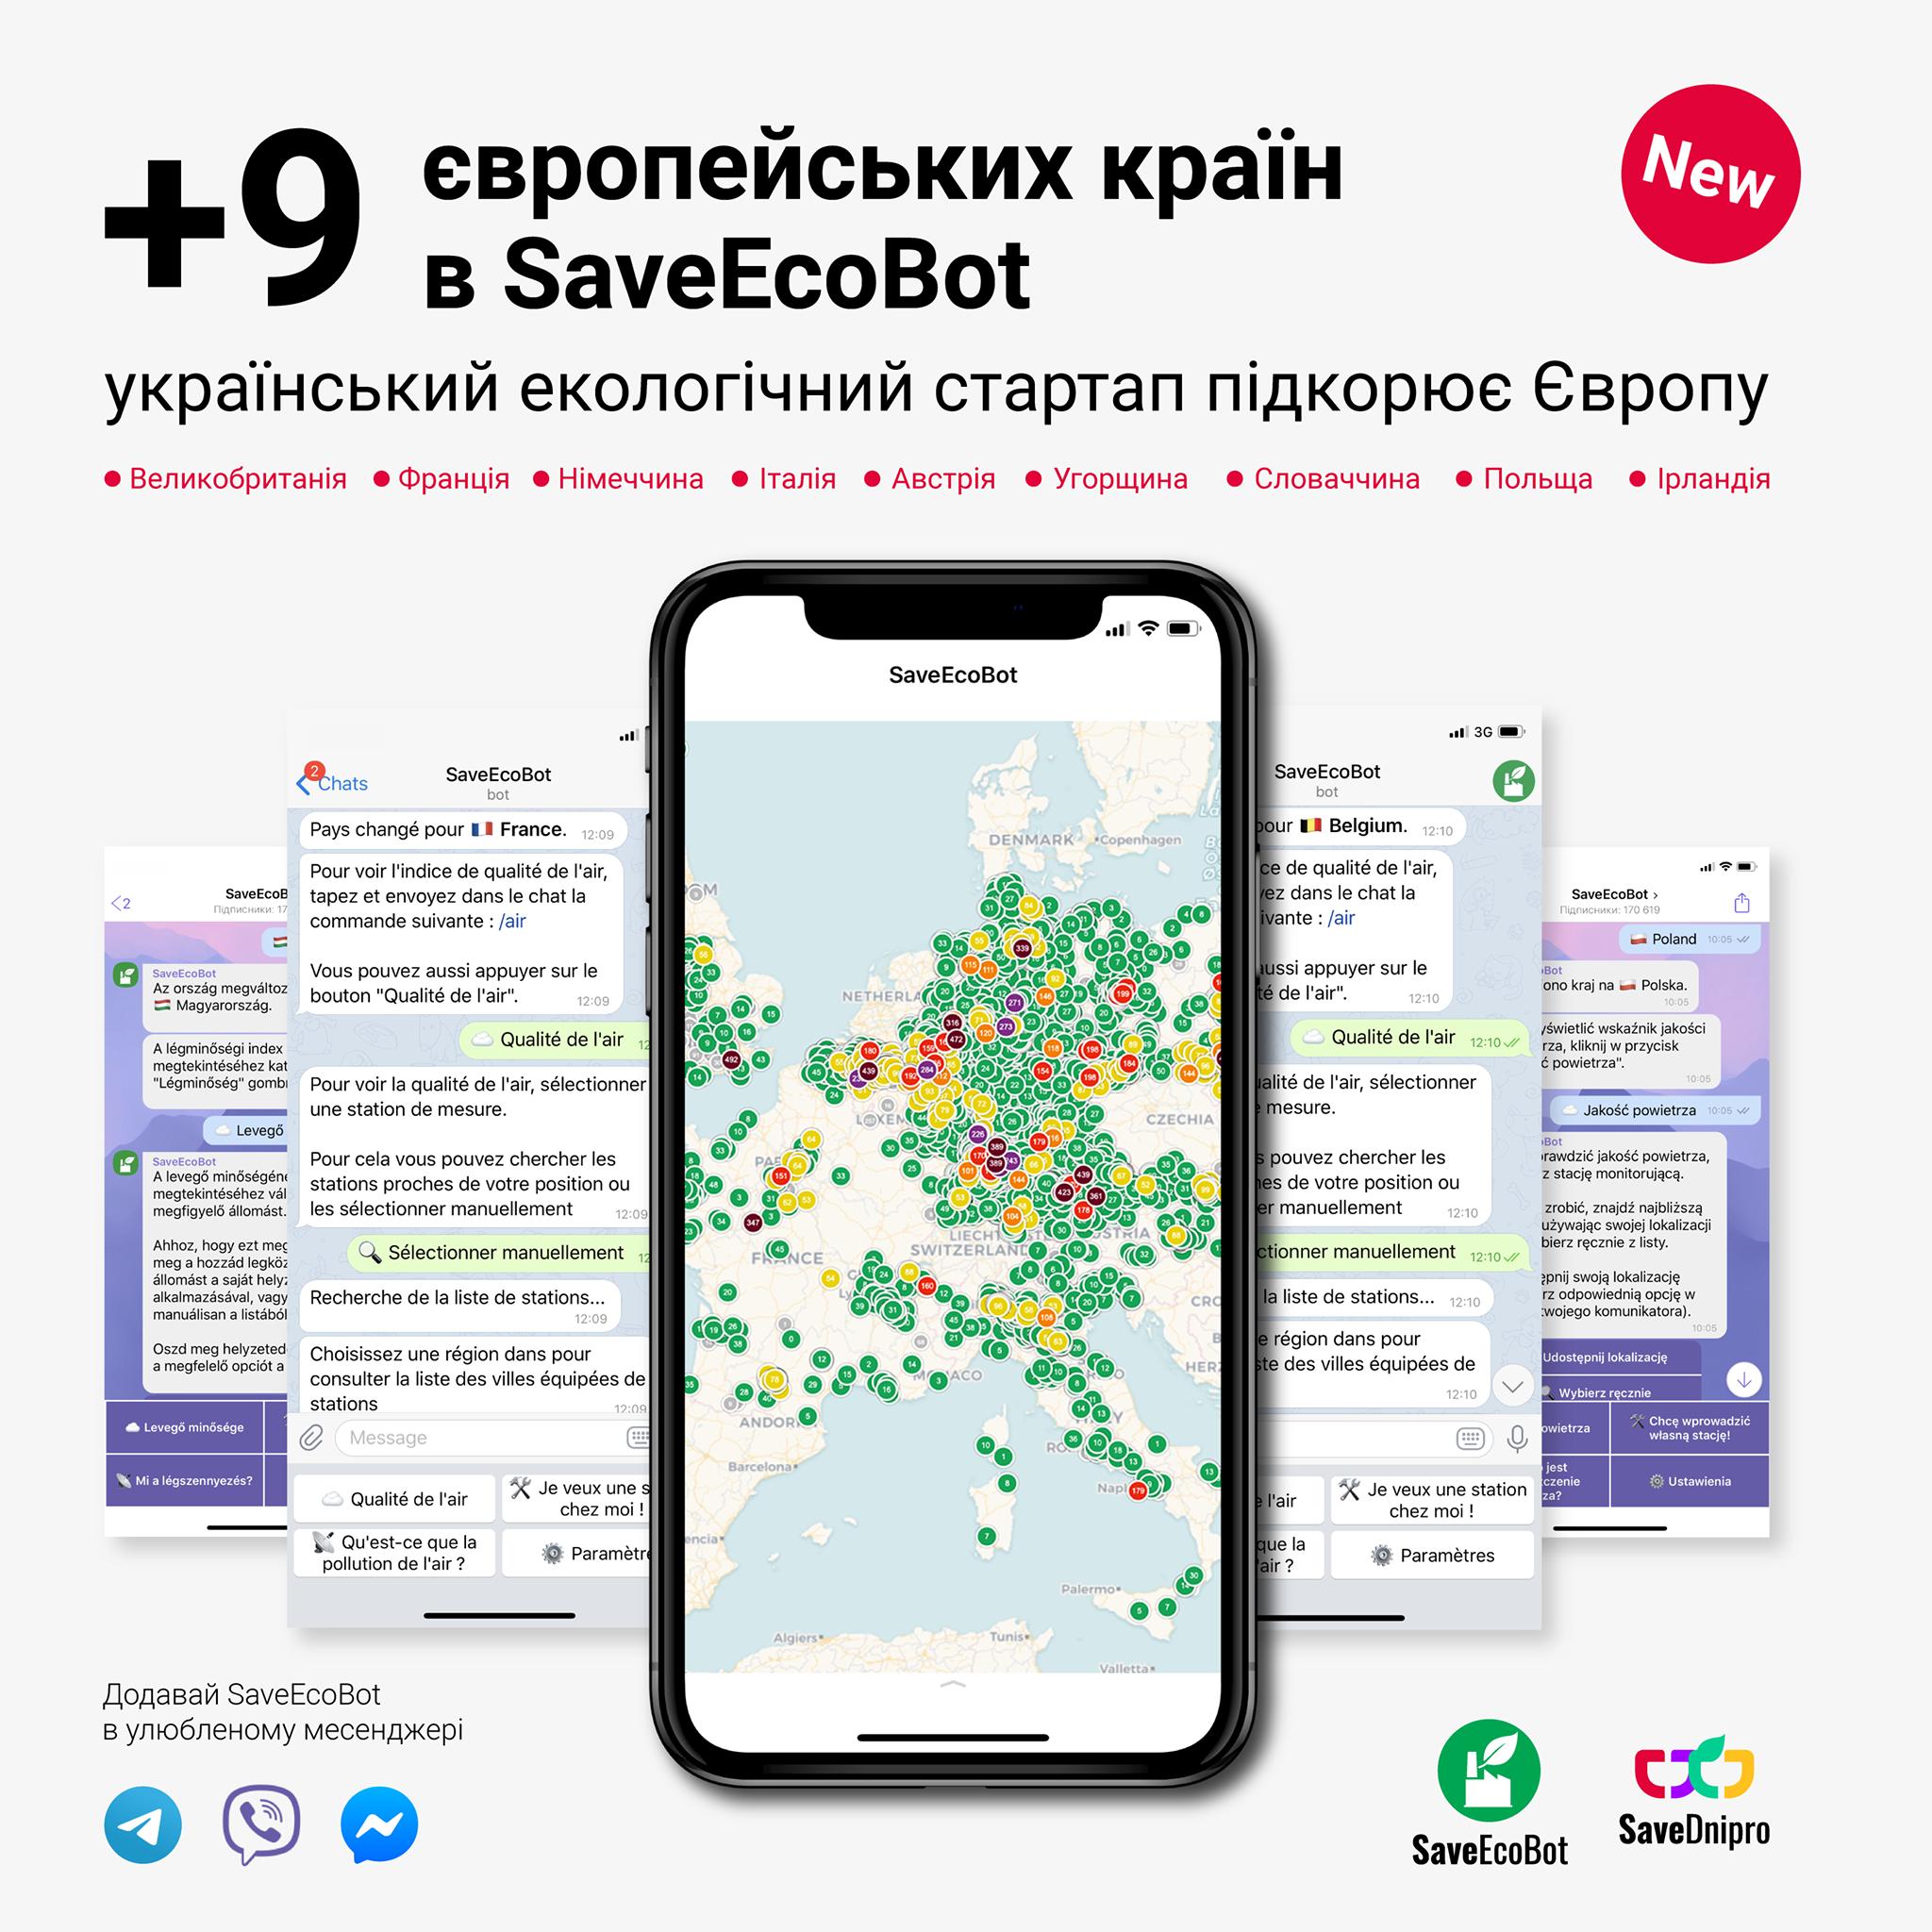 Український екологічний стартап запустився в 9 європейських країнах